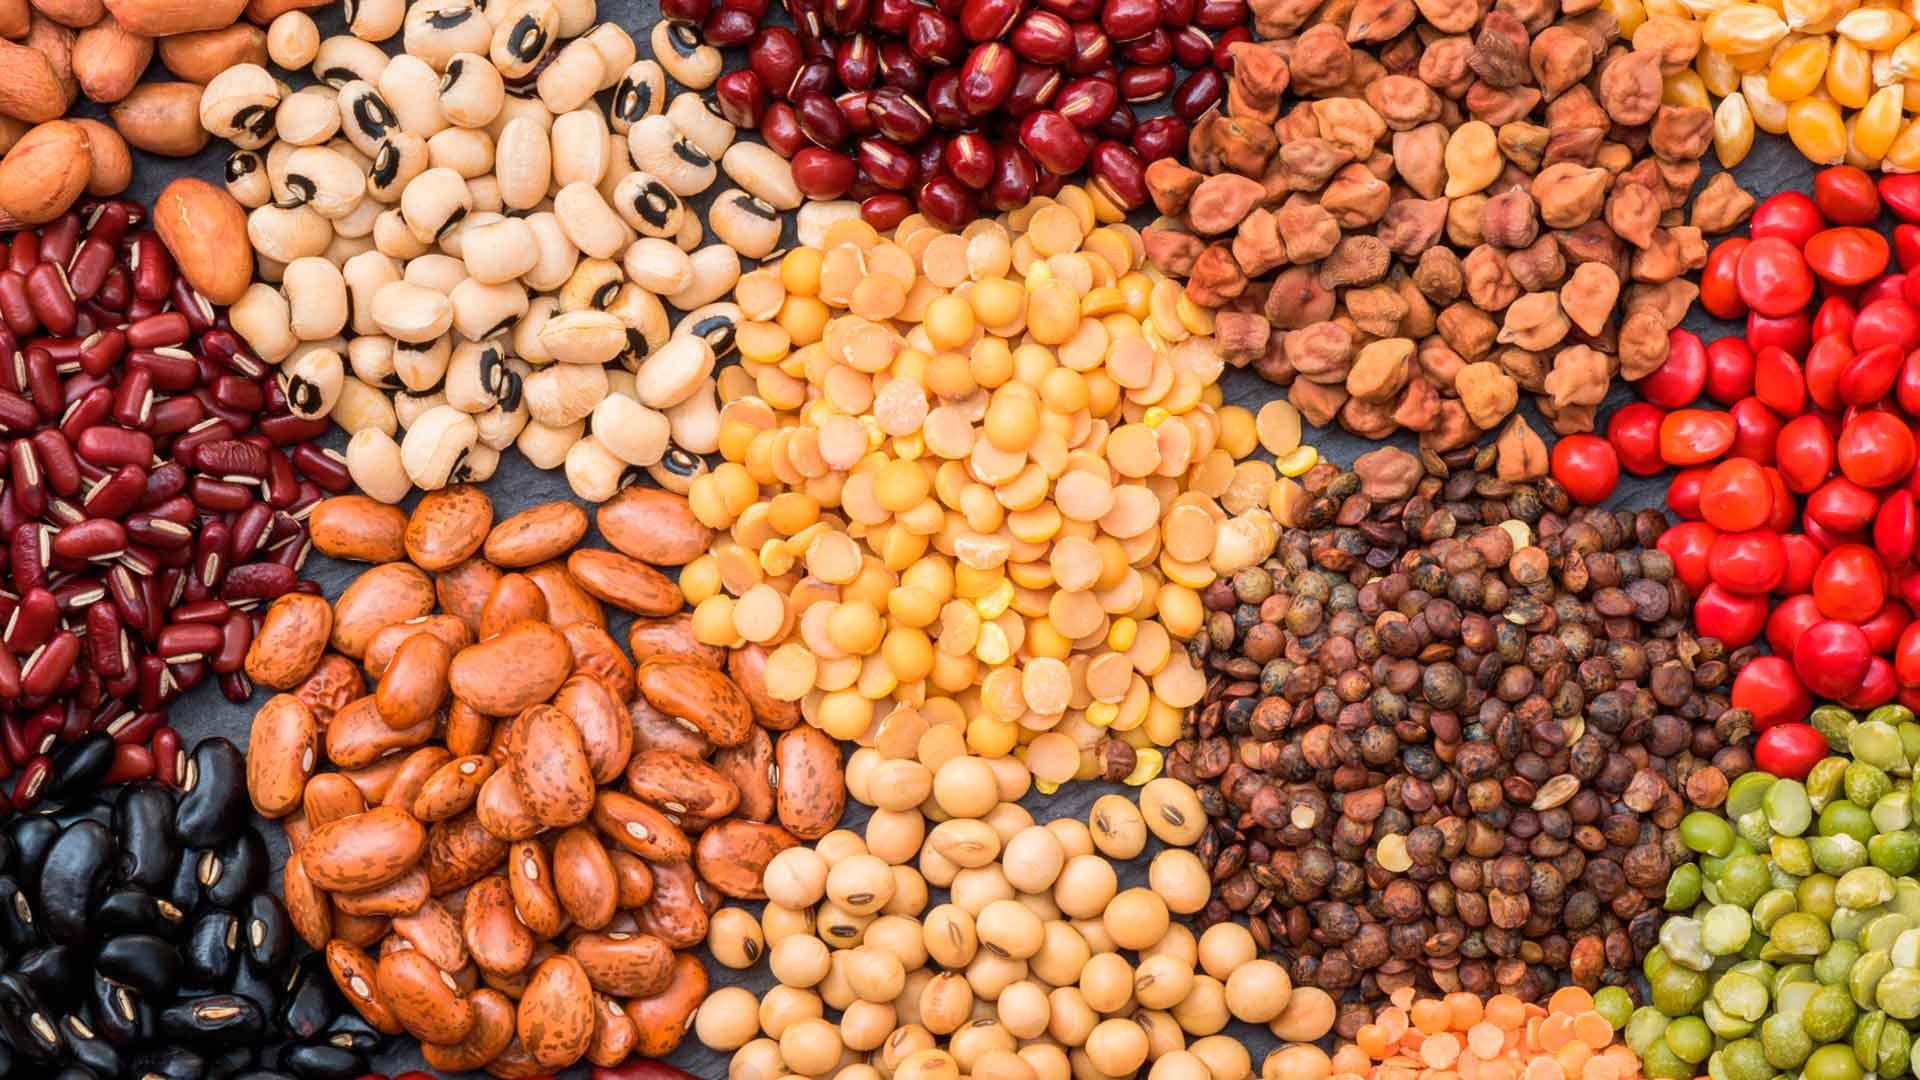 Legumbres: alimento milenario que nutre cuerpo y mente